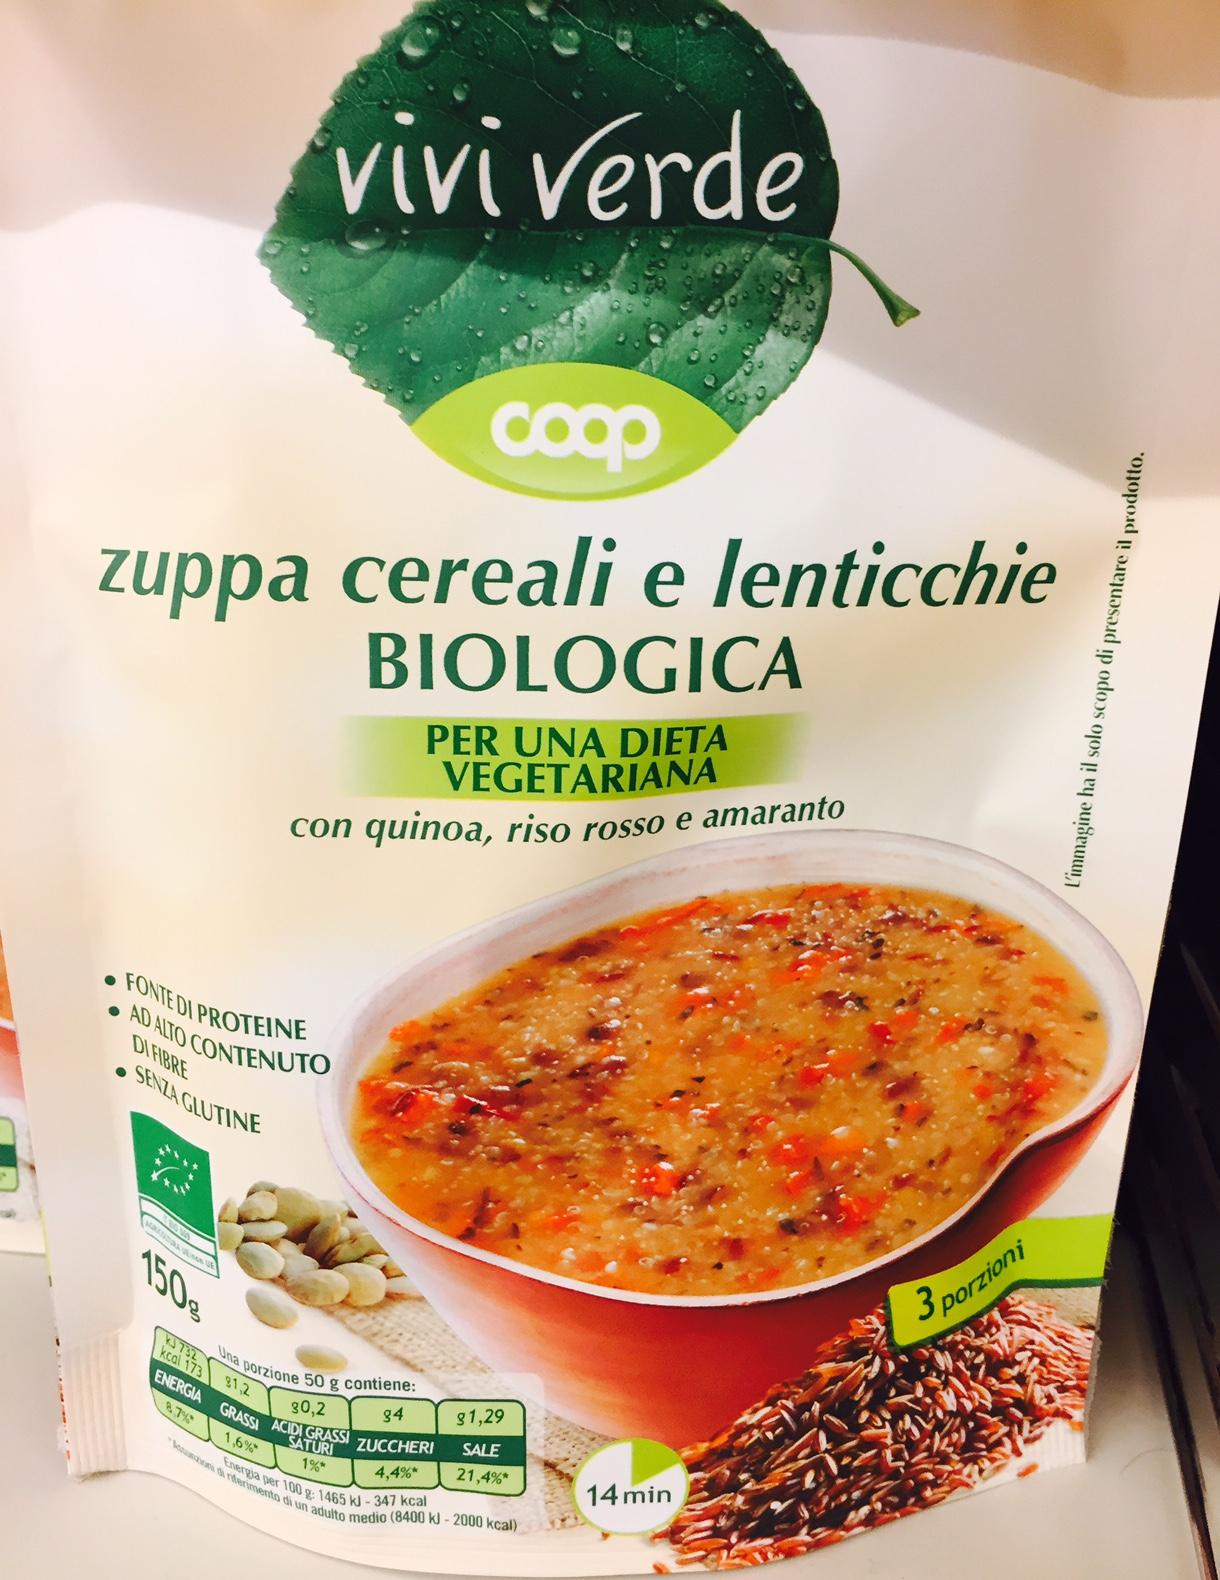 Zuppa cereali e lenticchie Coop - lattosio 0% Image